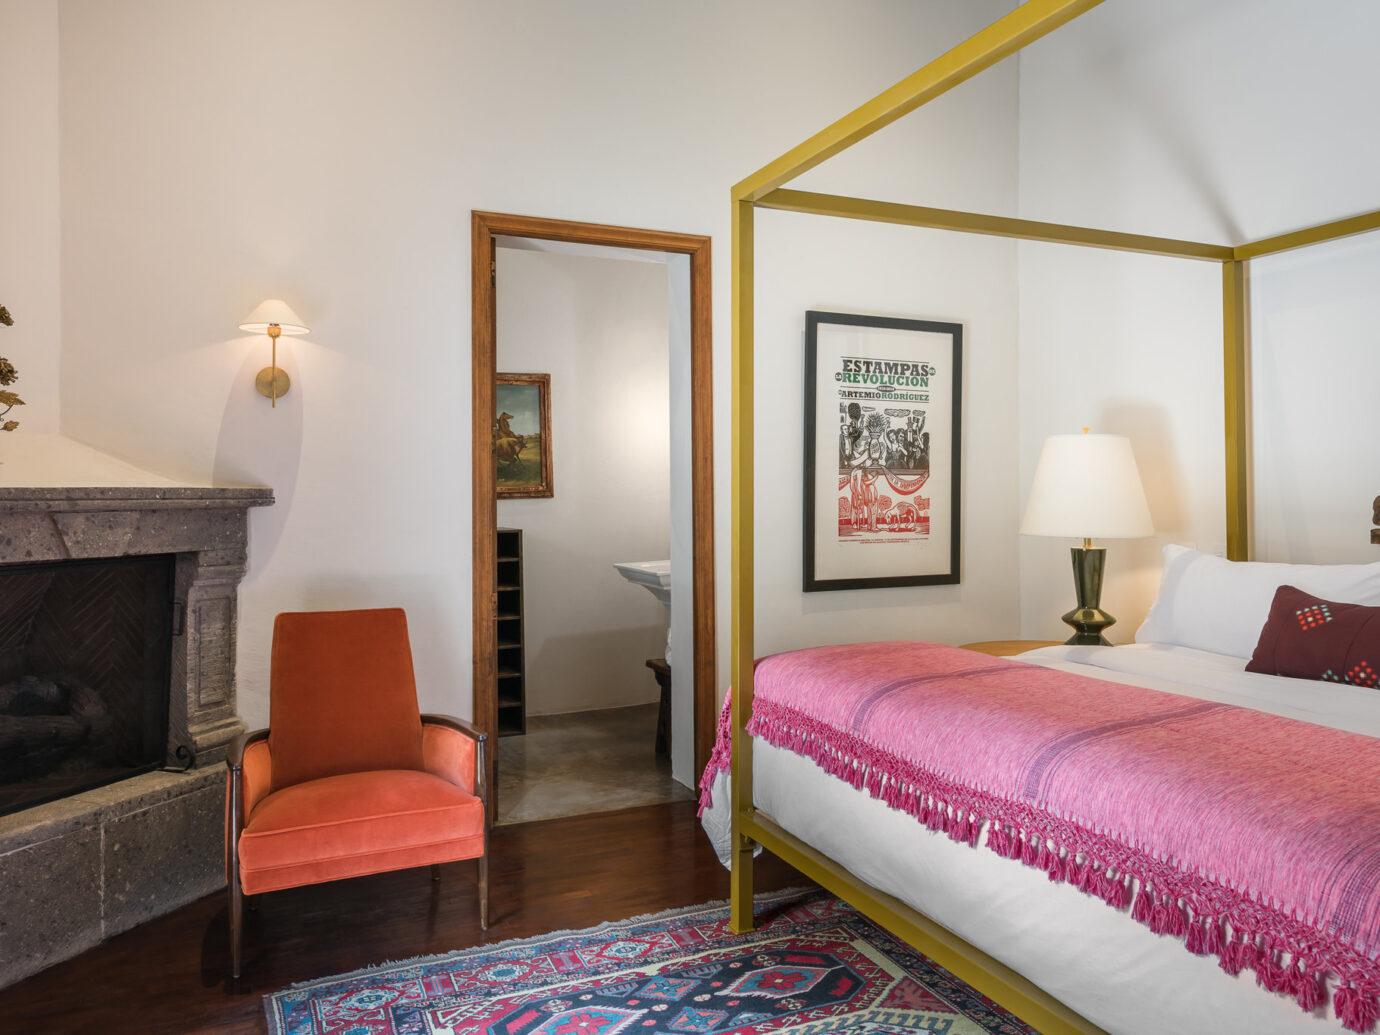 Bedroom at Hotel Amparo, San Miguel de Allende